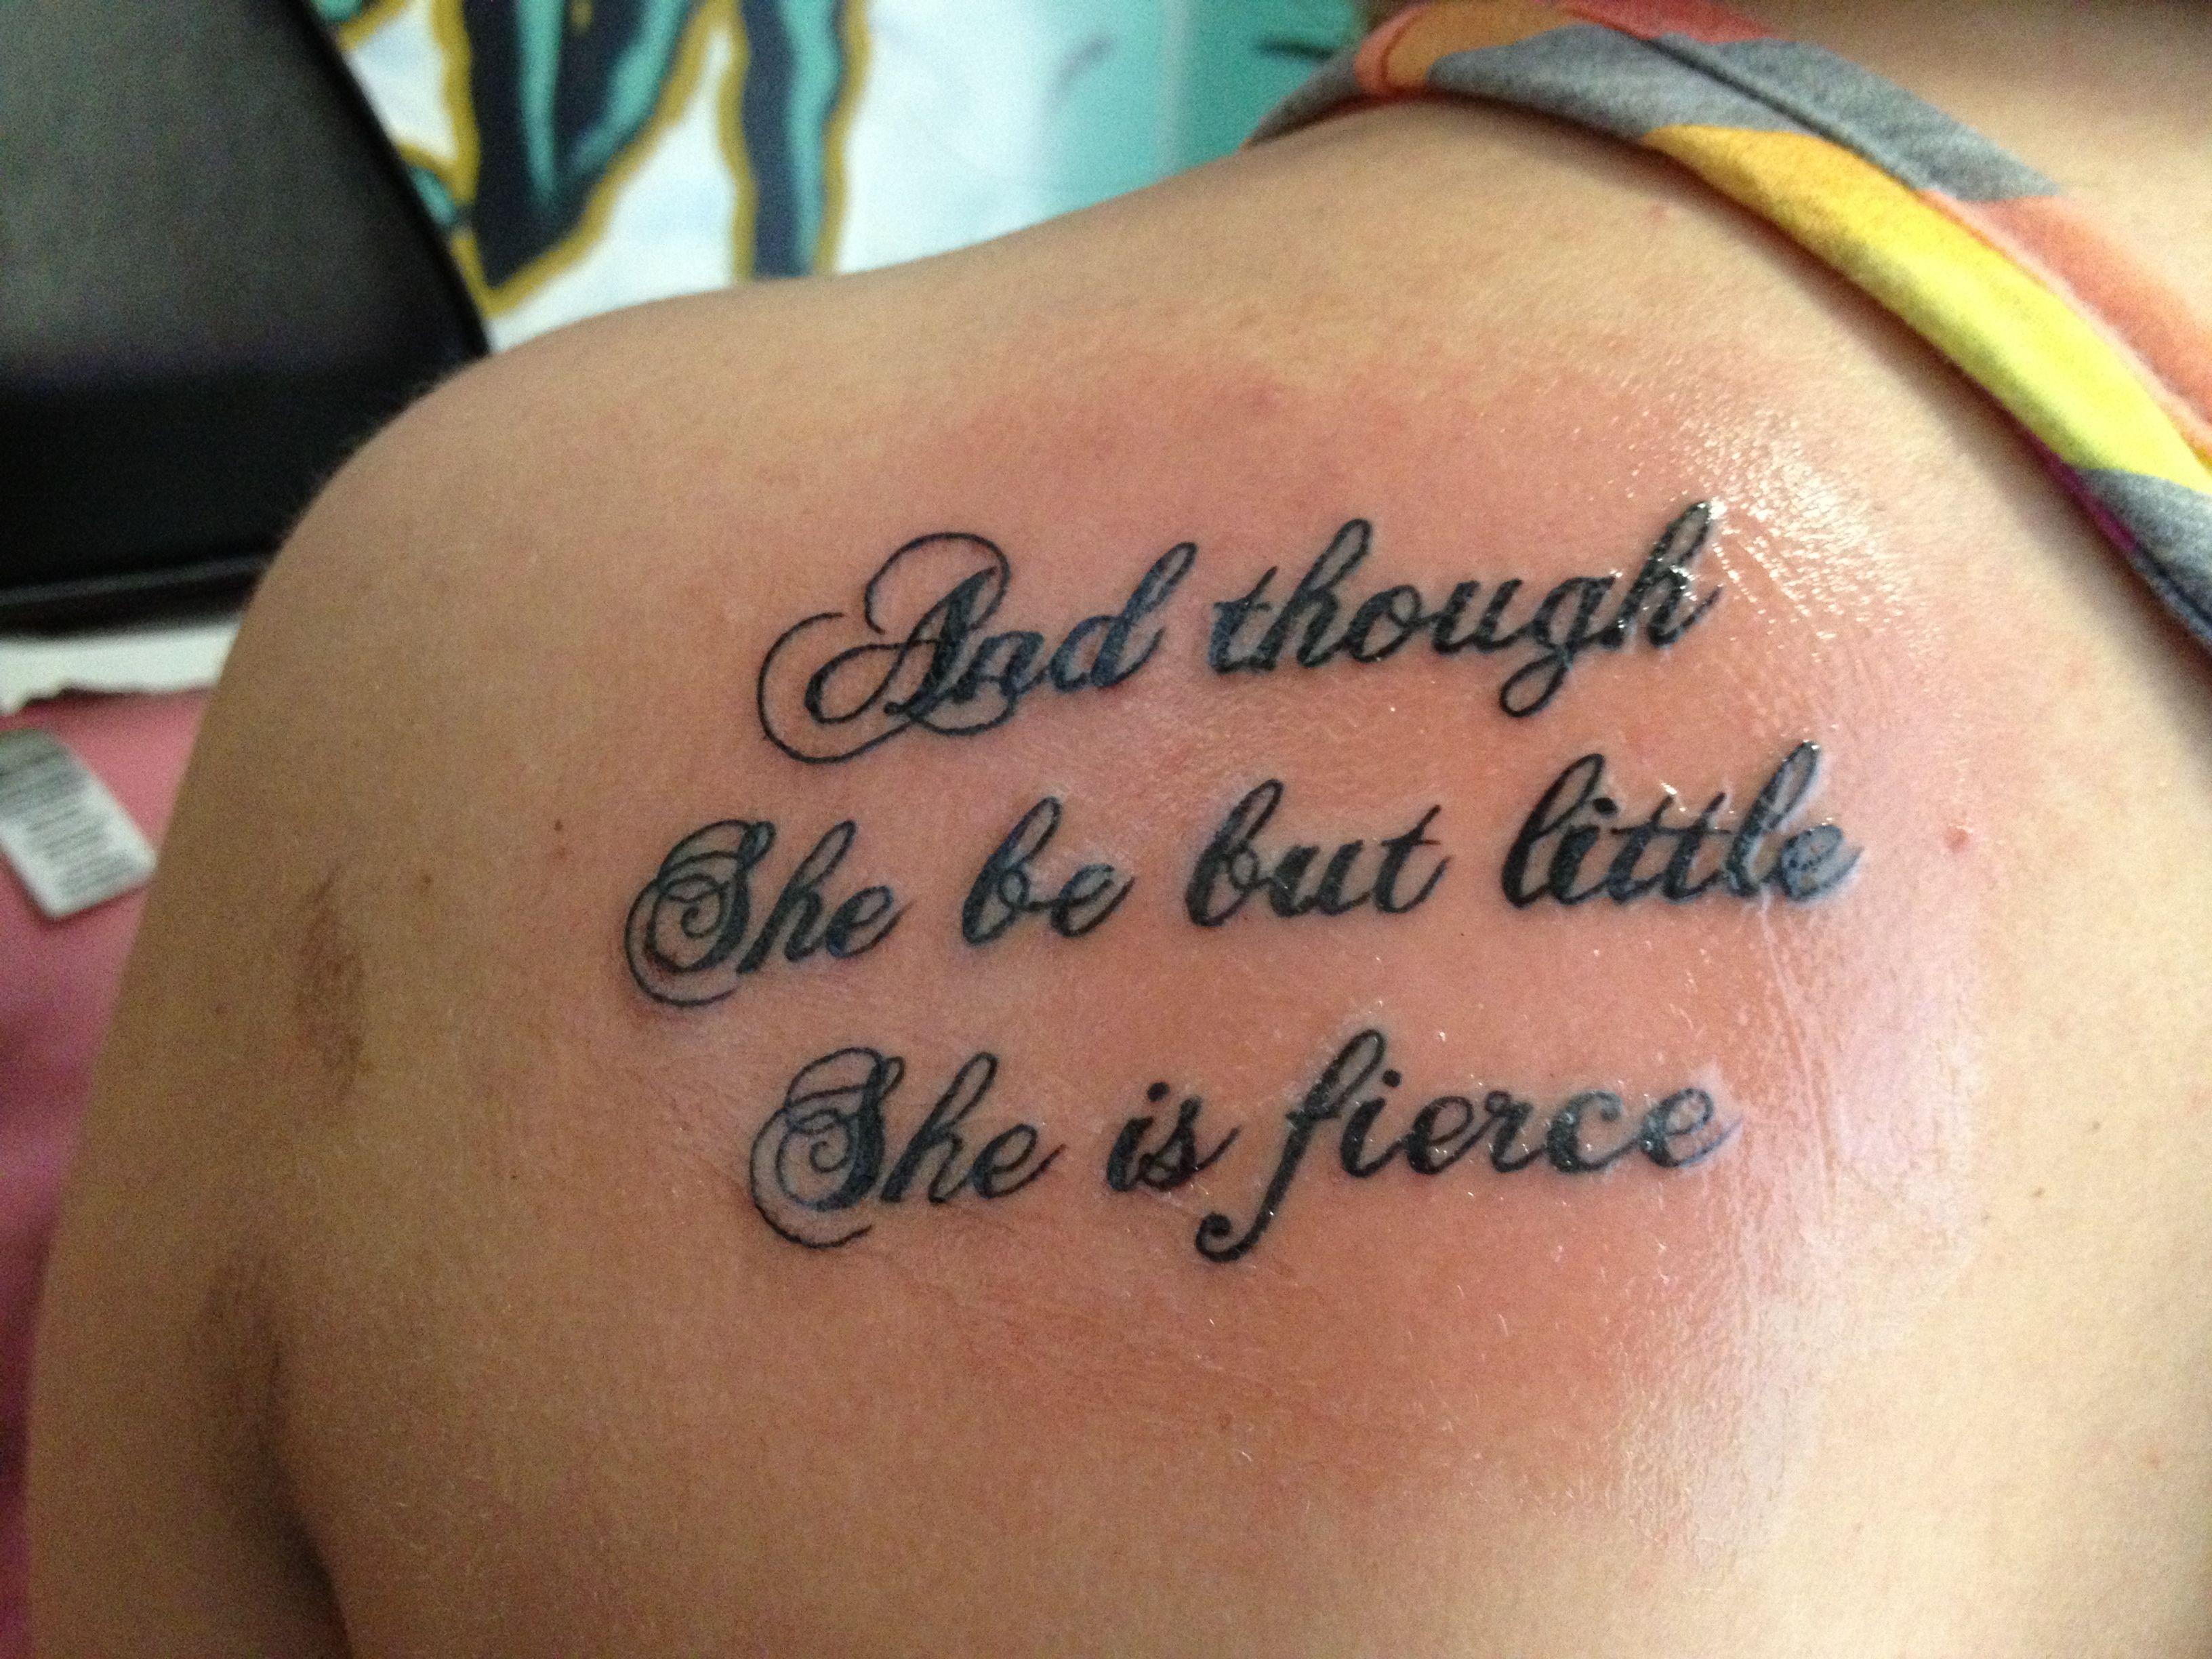 Shakespeare quote tattoo   tattoos   Pinterest   Shakespeare ...